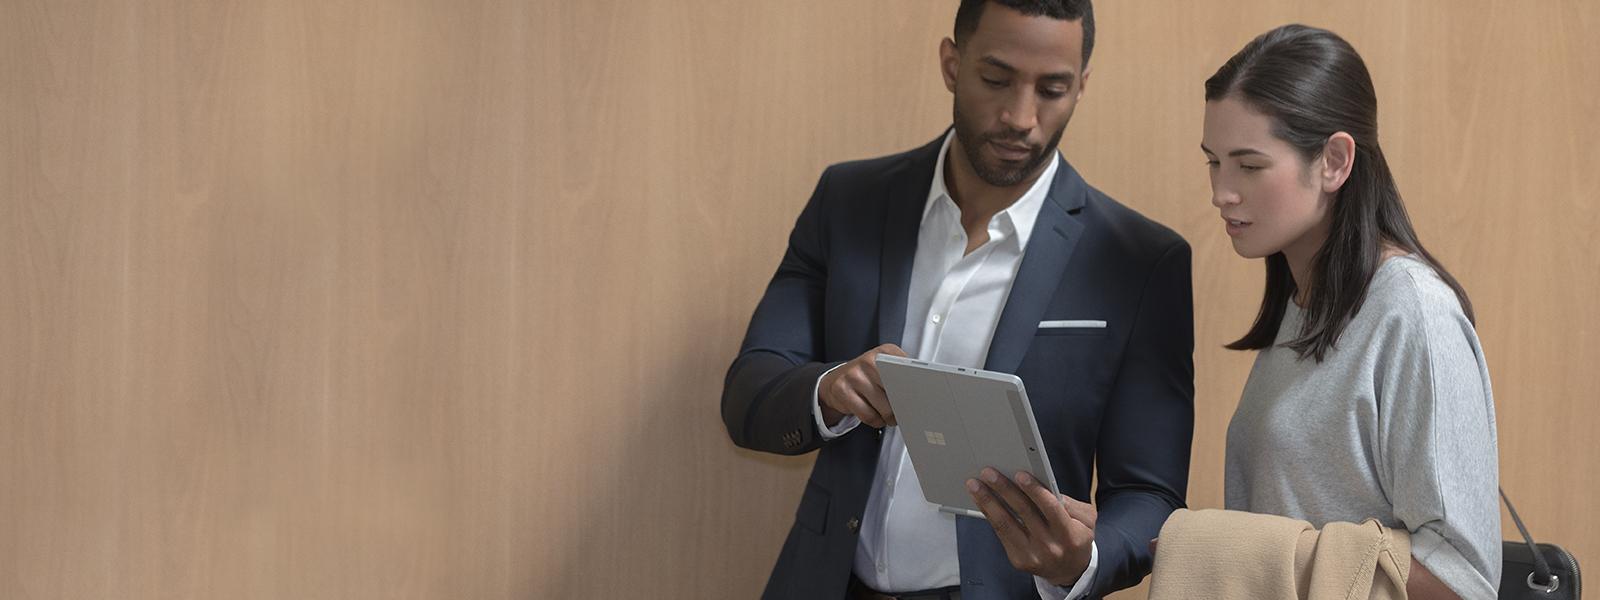 Affärsman och affärskvinna tittar på en Surface Go i en korridor